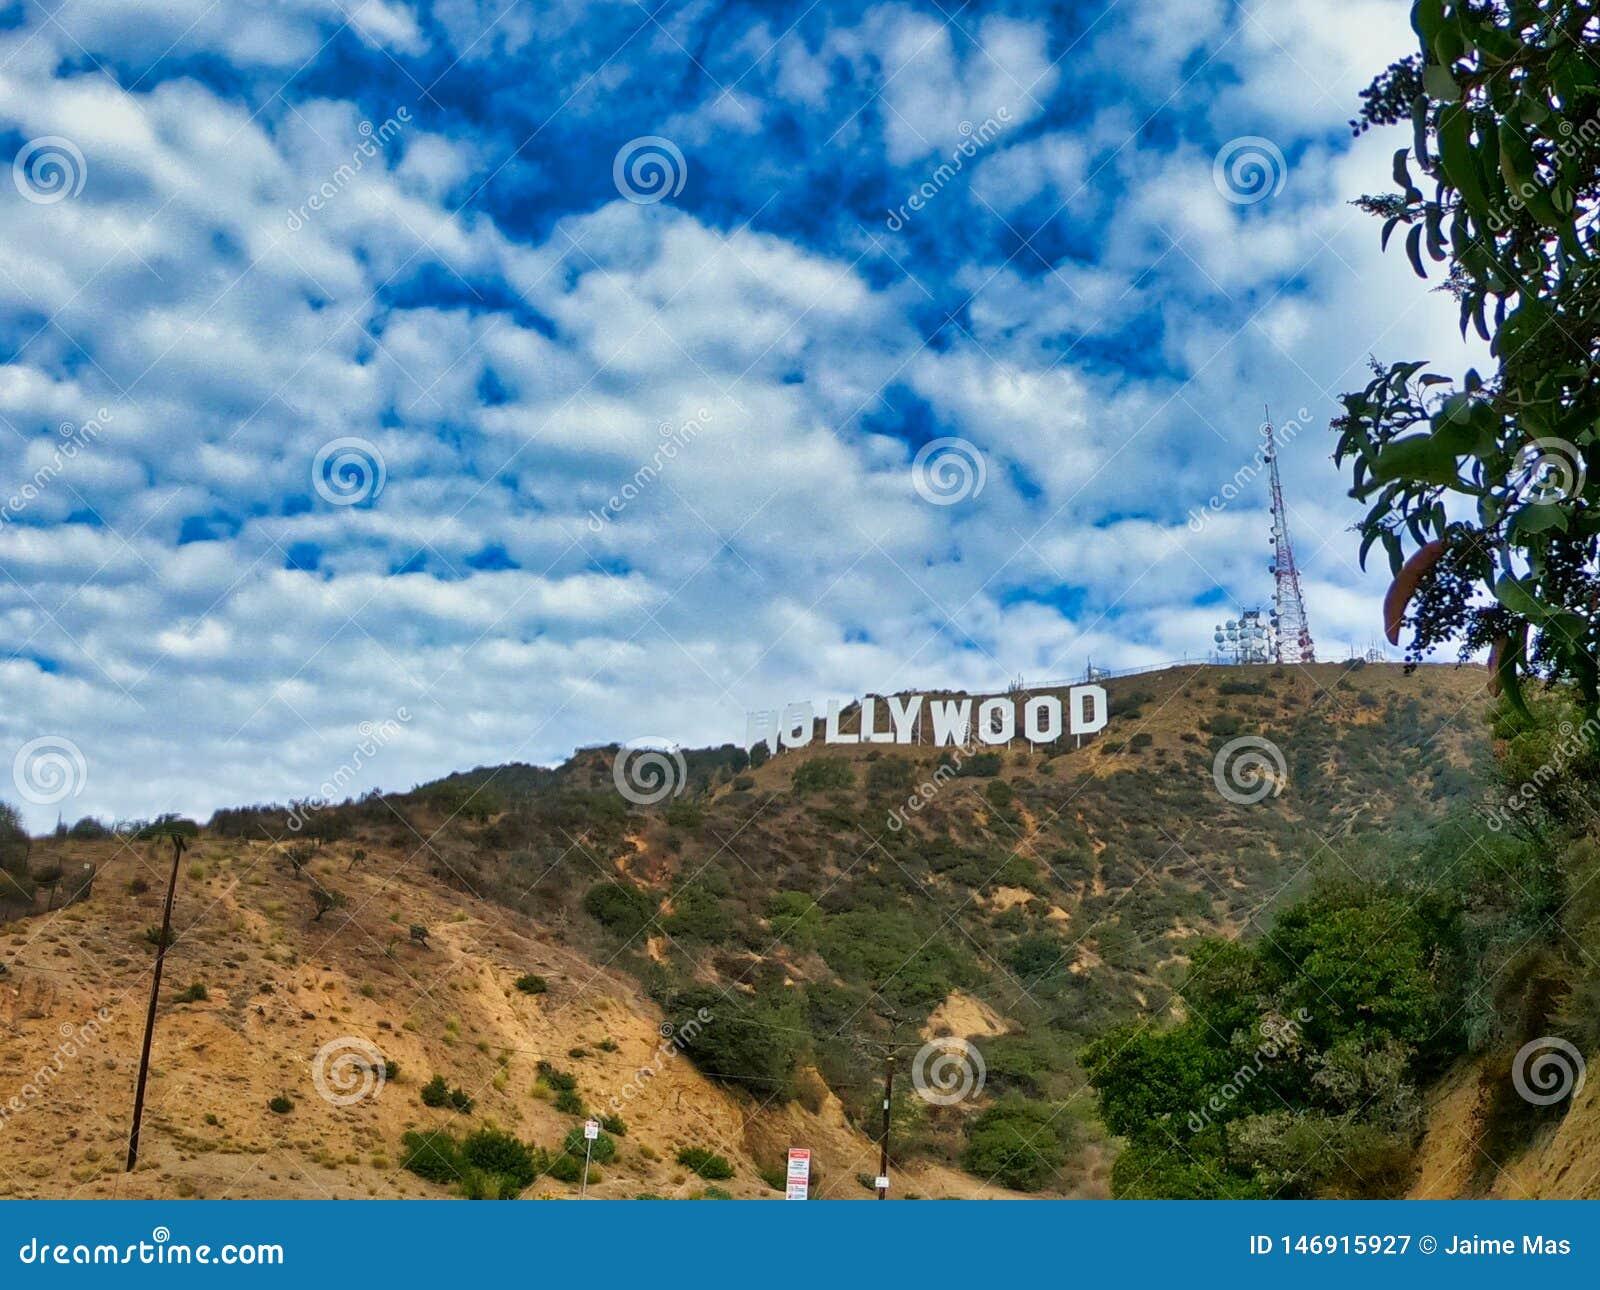 Deve vedere nella città di Los Angeles, la California